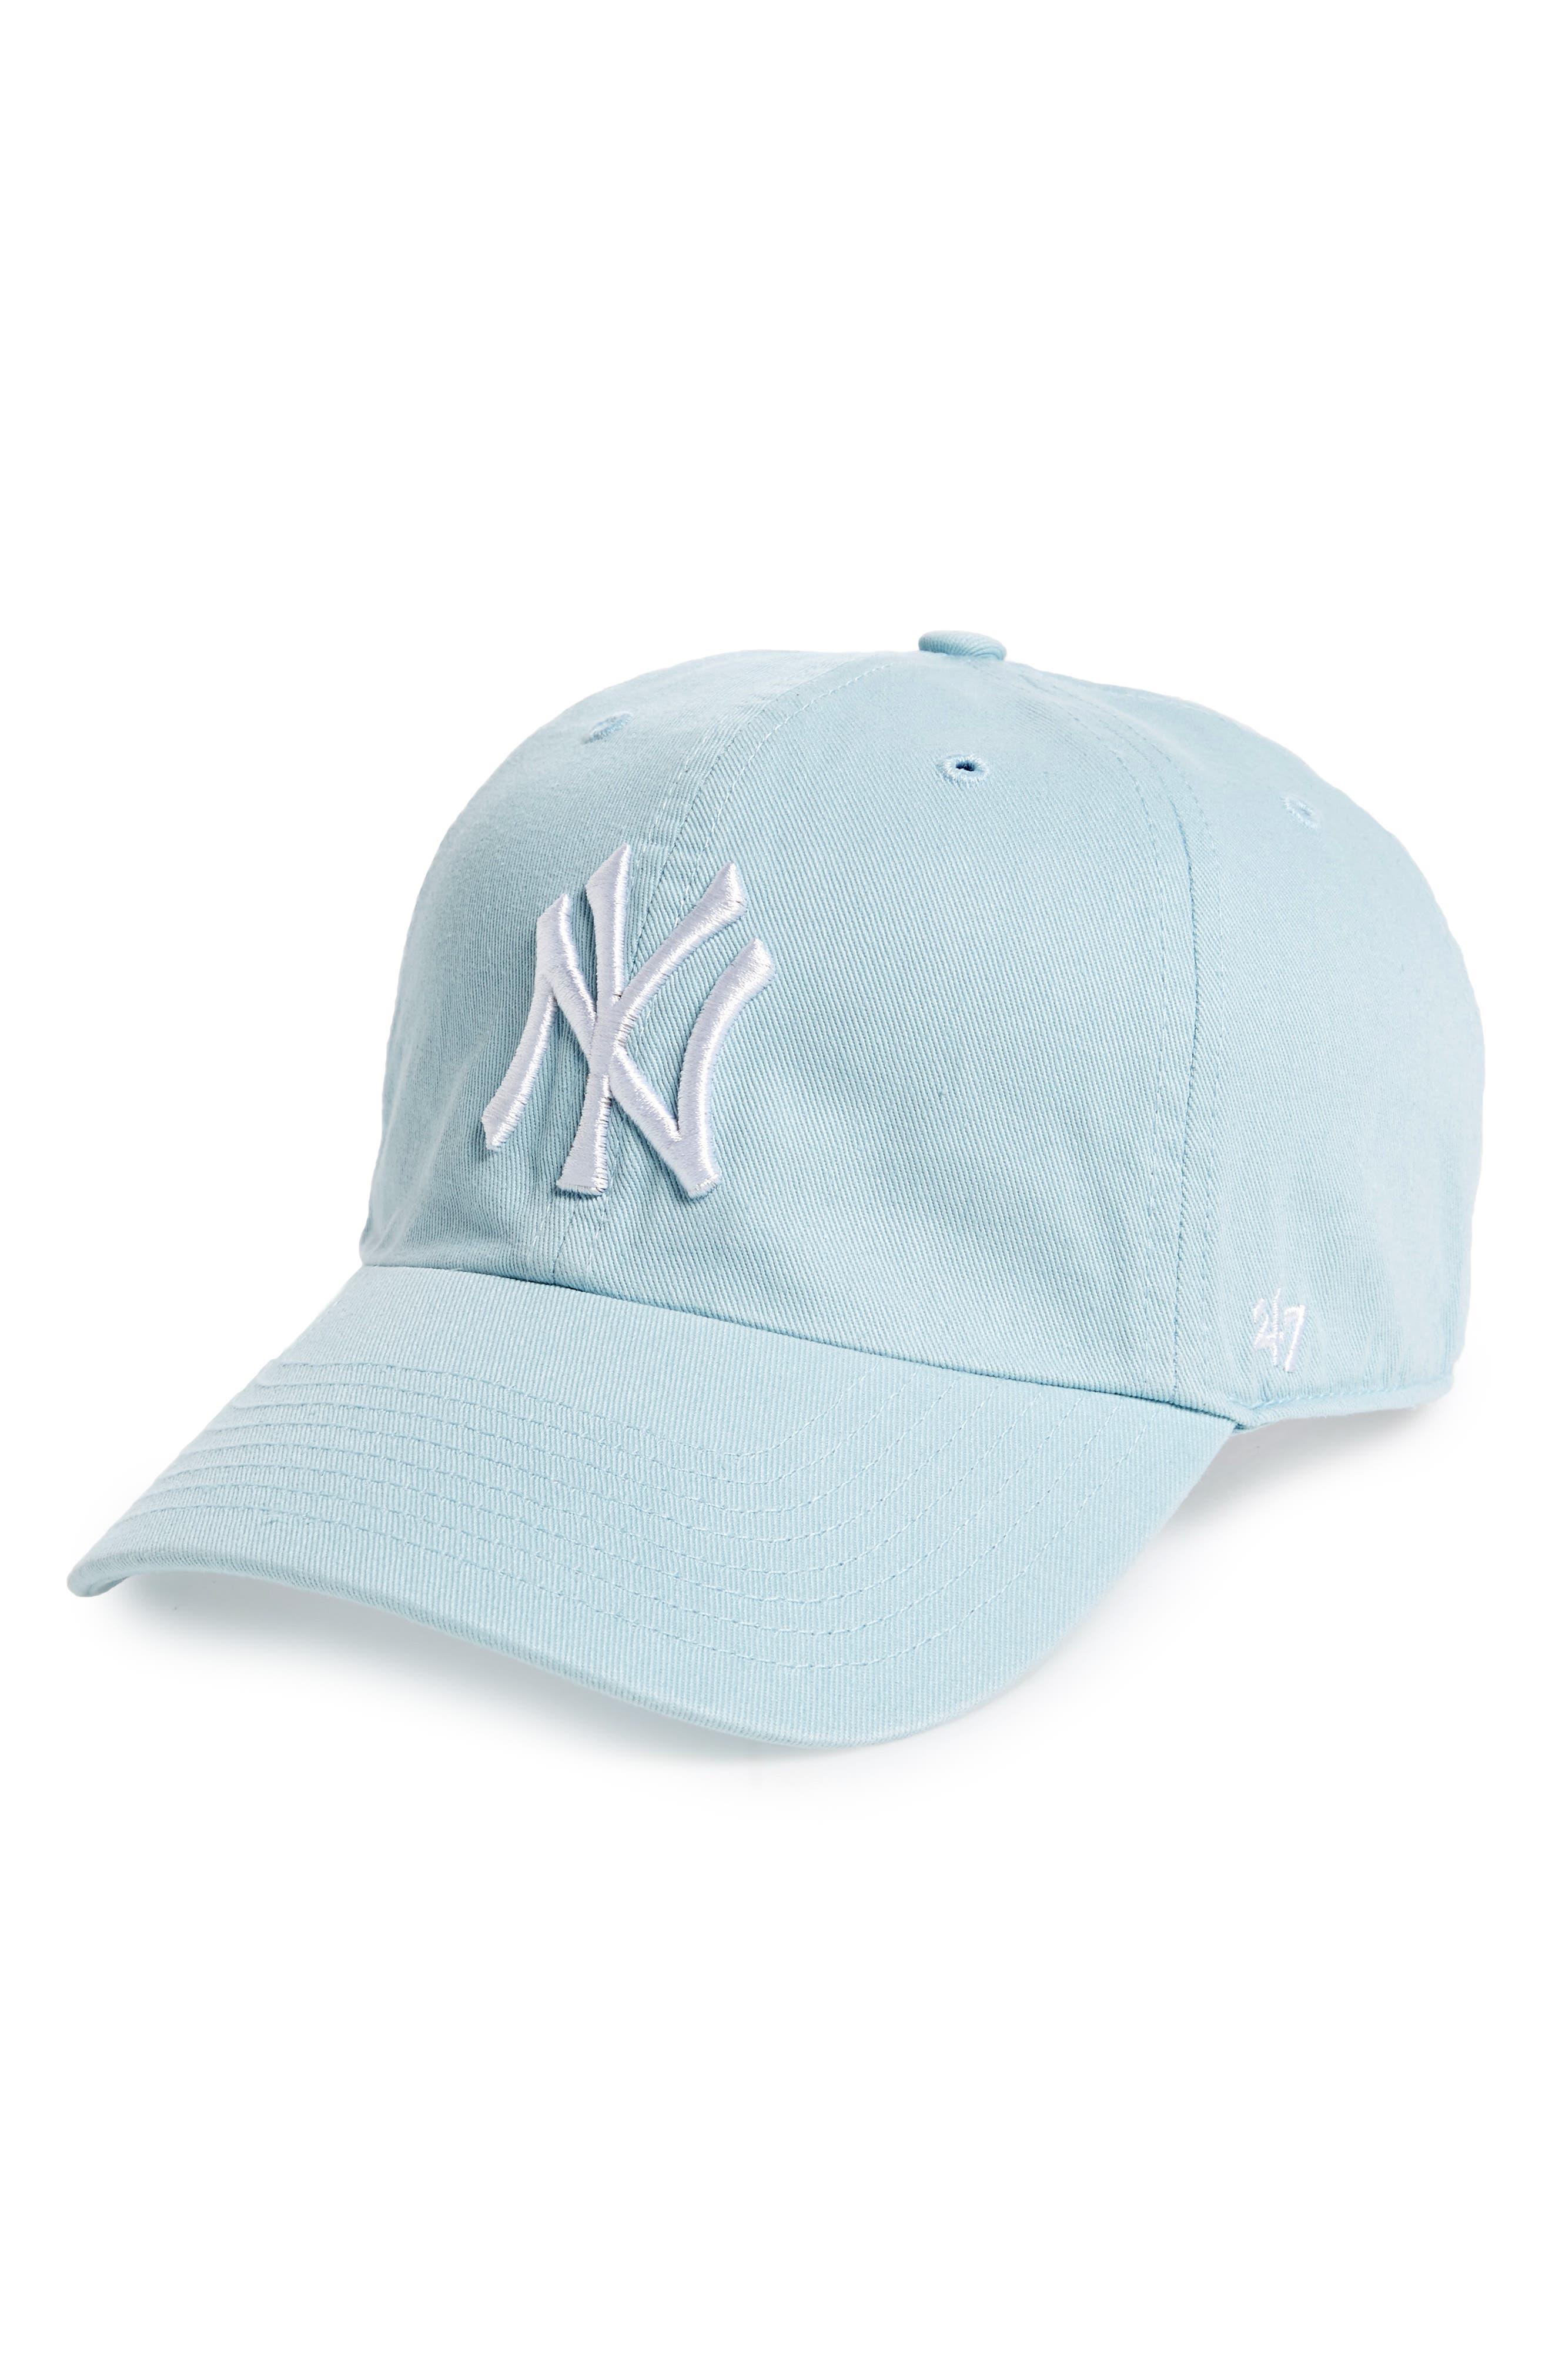 NY Yankees Baseball Cap,                         Main,                         color, 451